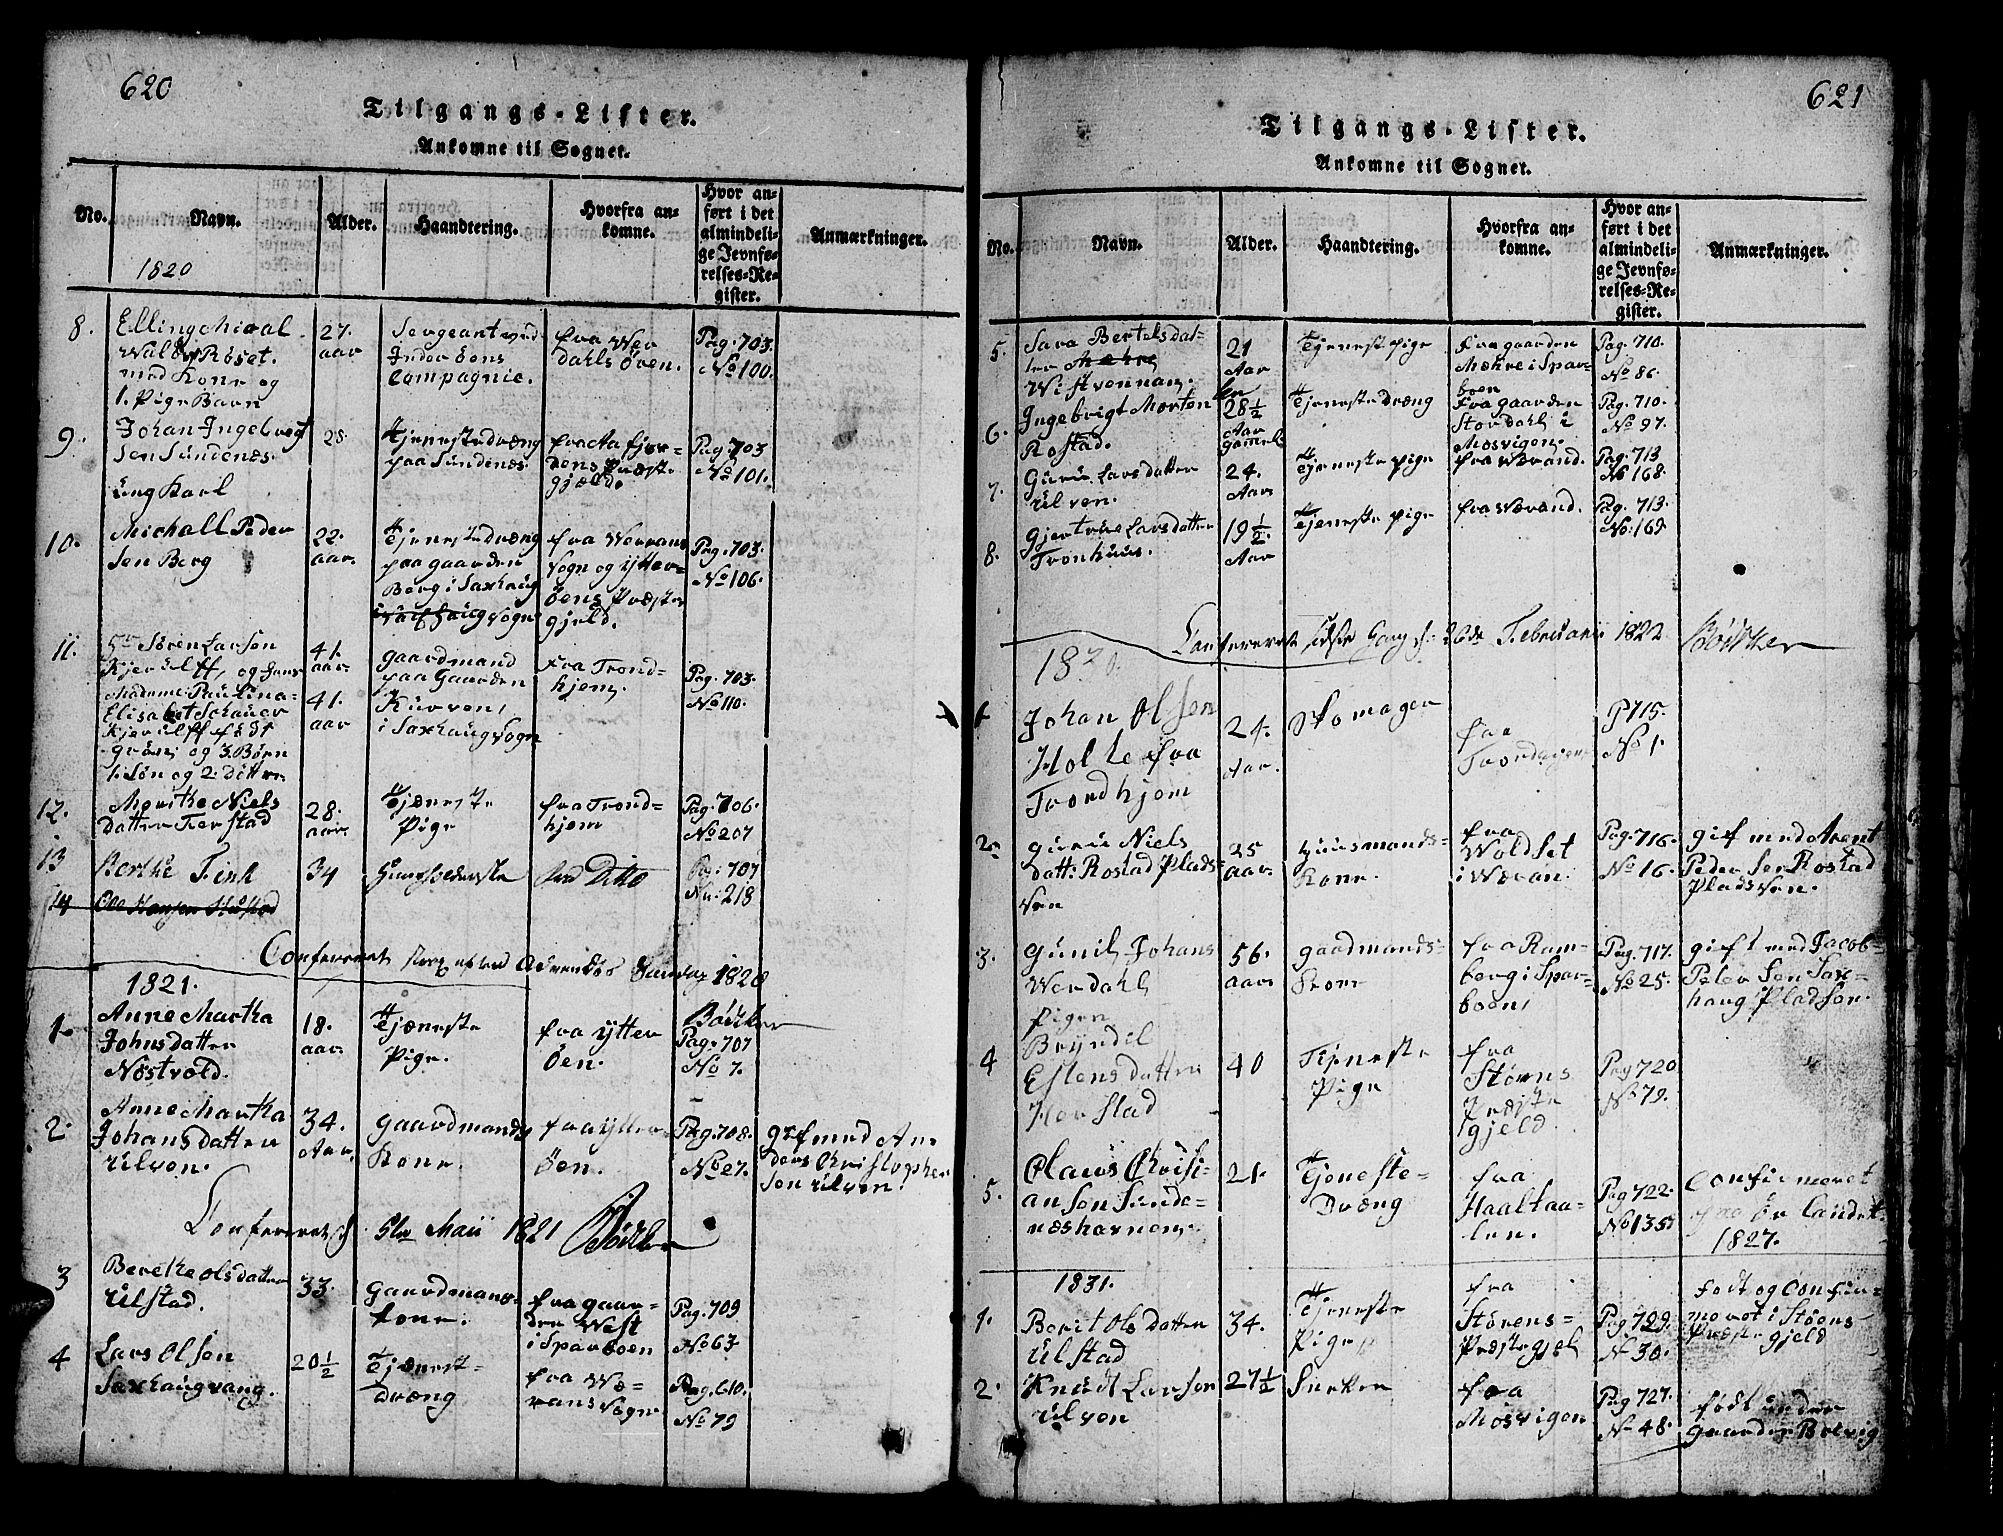 SAT, Ministerialprotokoller, klokkerbøker og fødselsregistre - Nord-Trøndelag, 730/L0298: Klokkerbok nr. 730C01, 1816-1849, s. 620-621